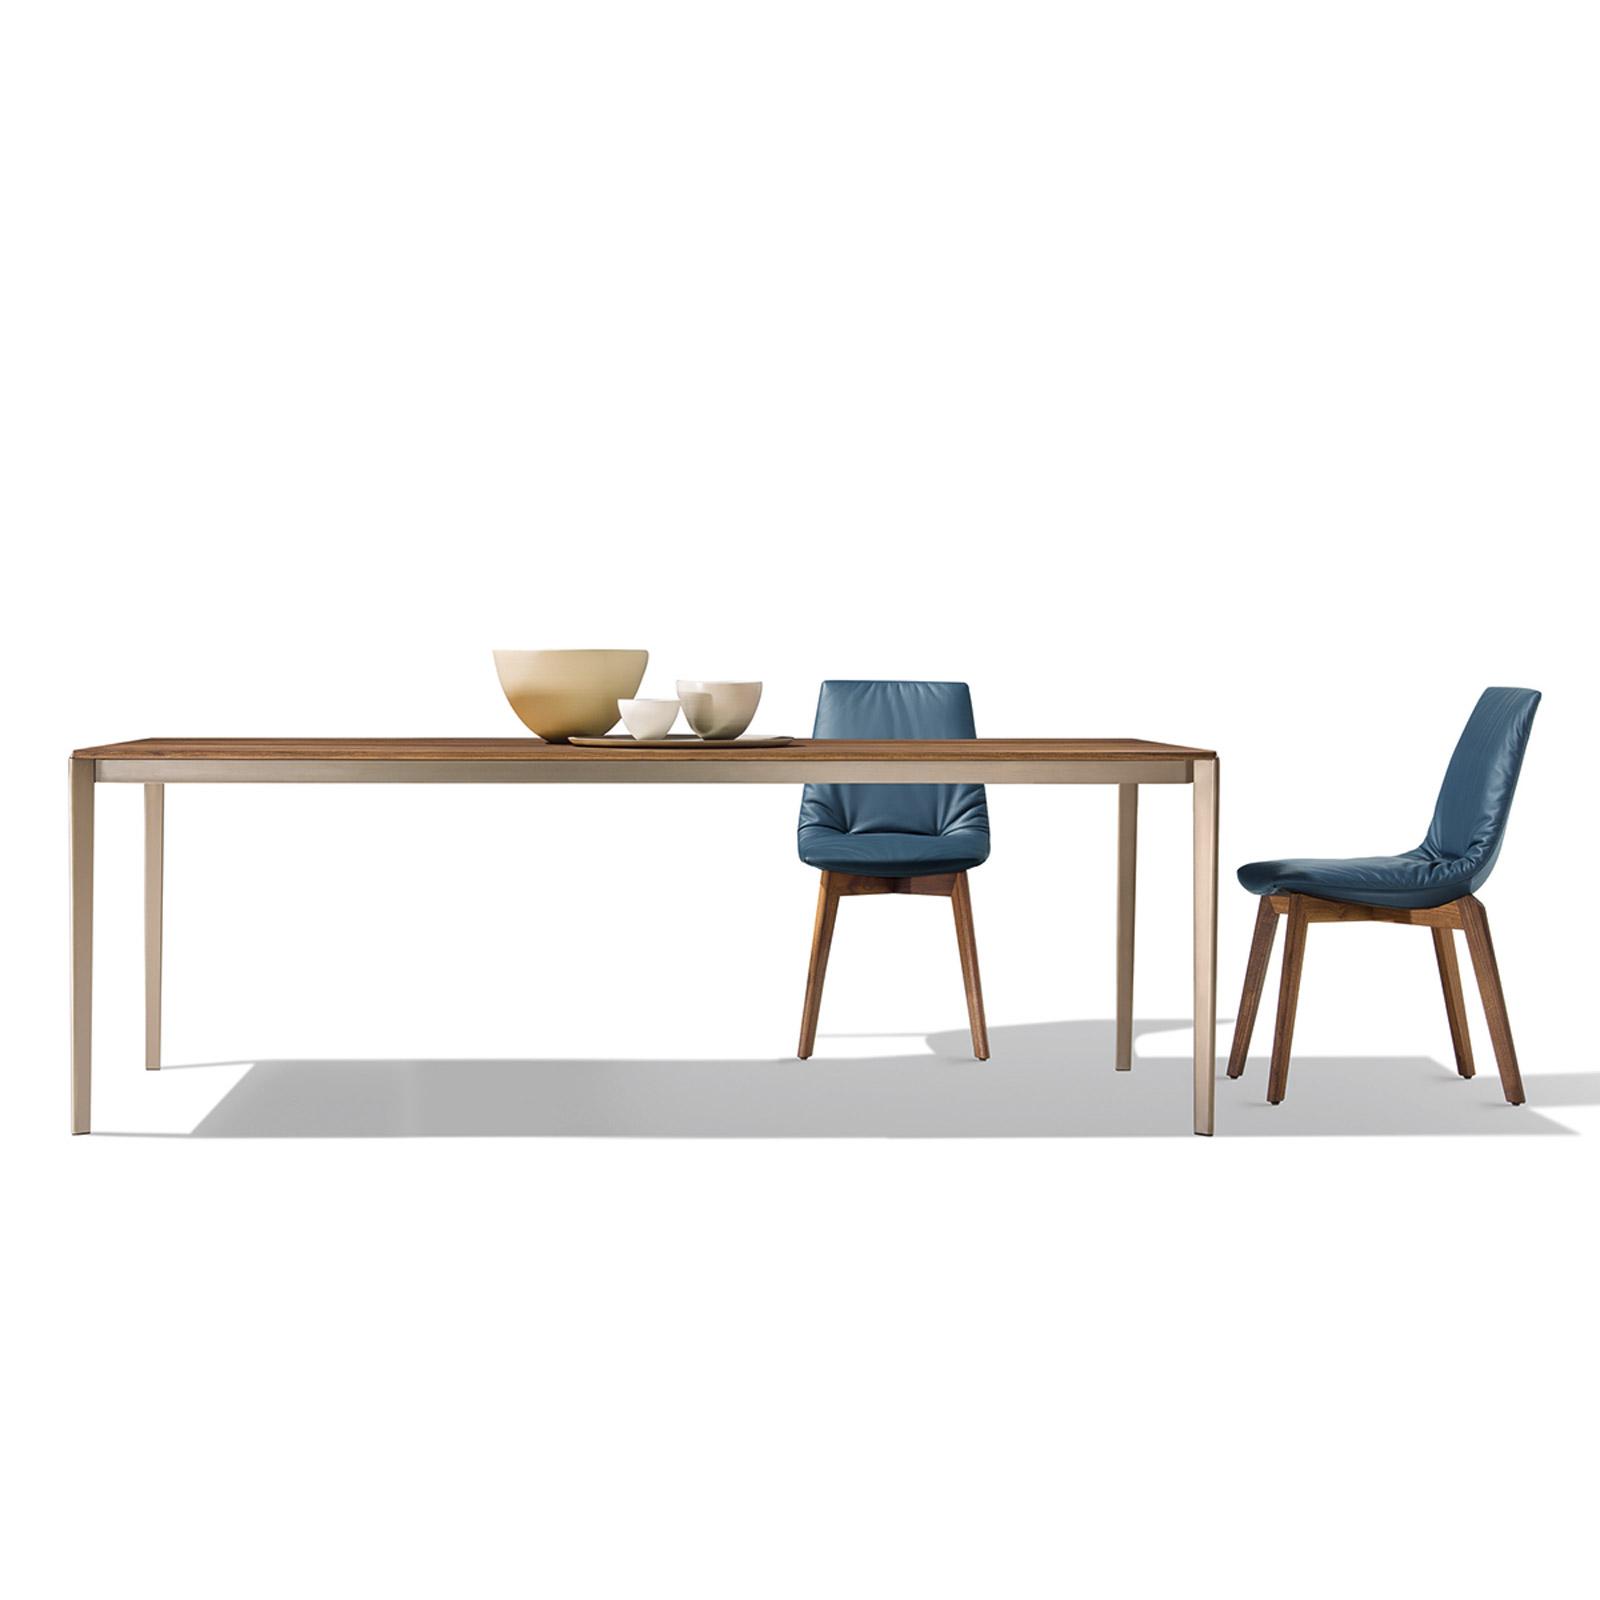 team7 auszugstisch tak nussbaum m bel b r ag. Black Bedroom Furniture Sets. Home Design Ideas